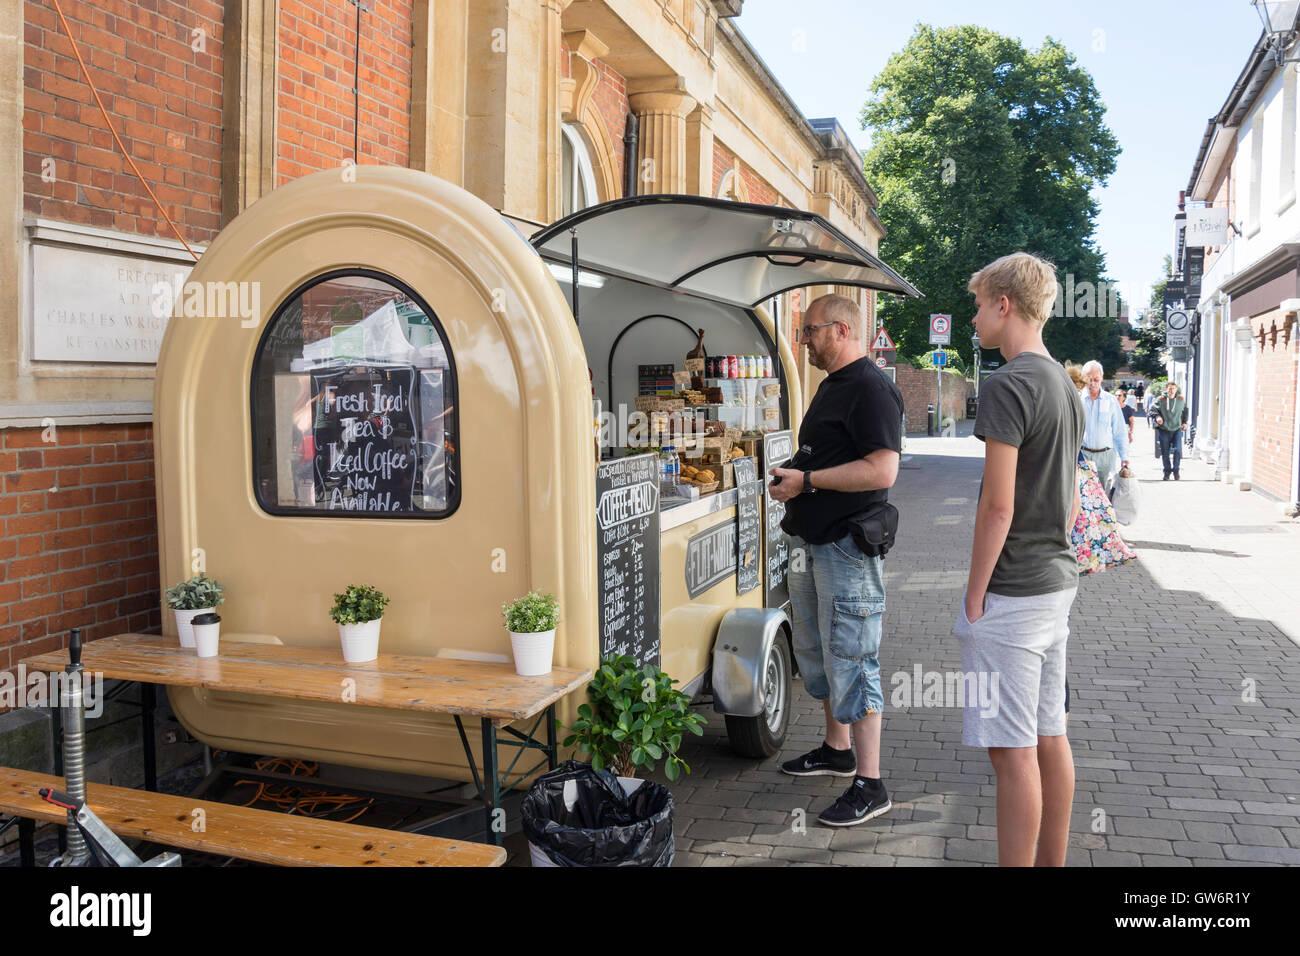 Cibo e caffè chiosco, Market Street, Winchester, Hampshire, Inghilterra, Regno Unito Foto Stock